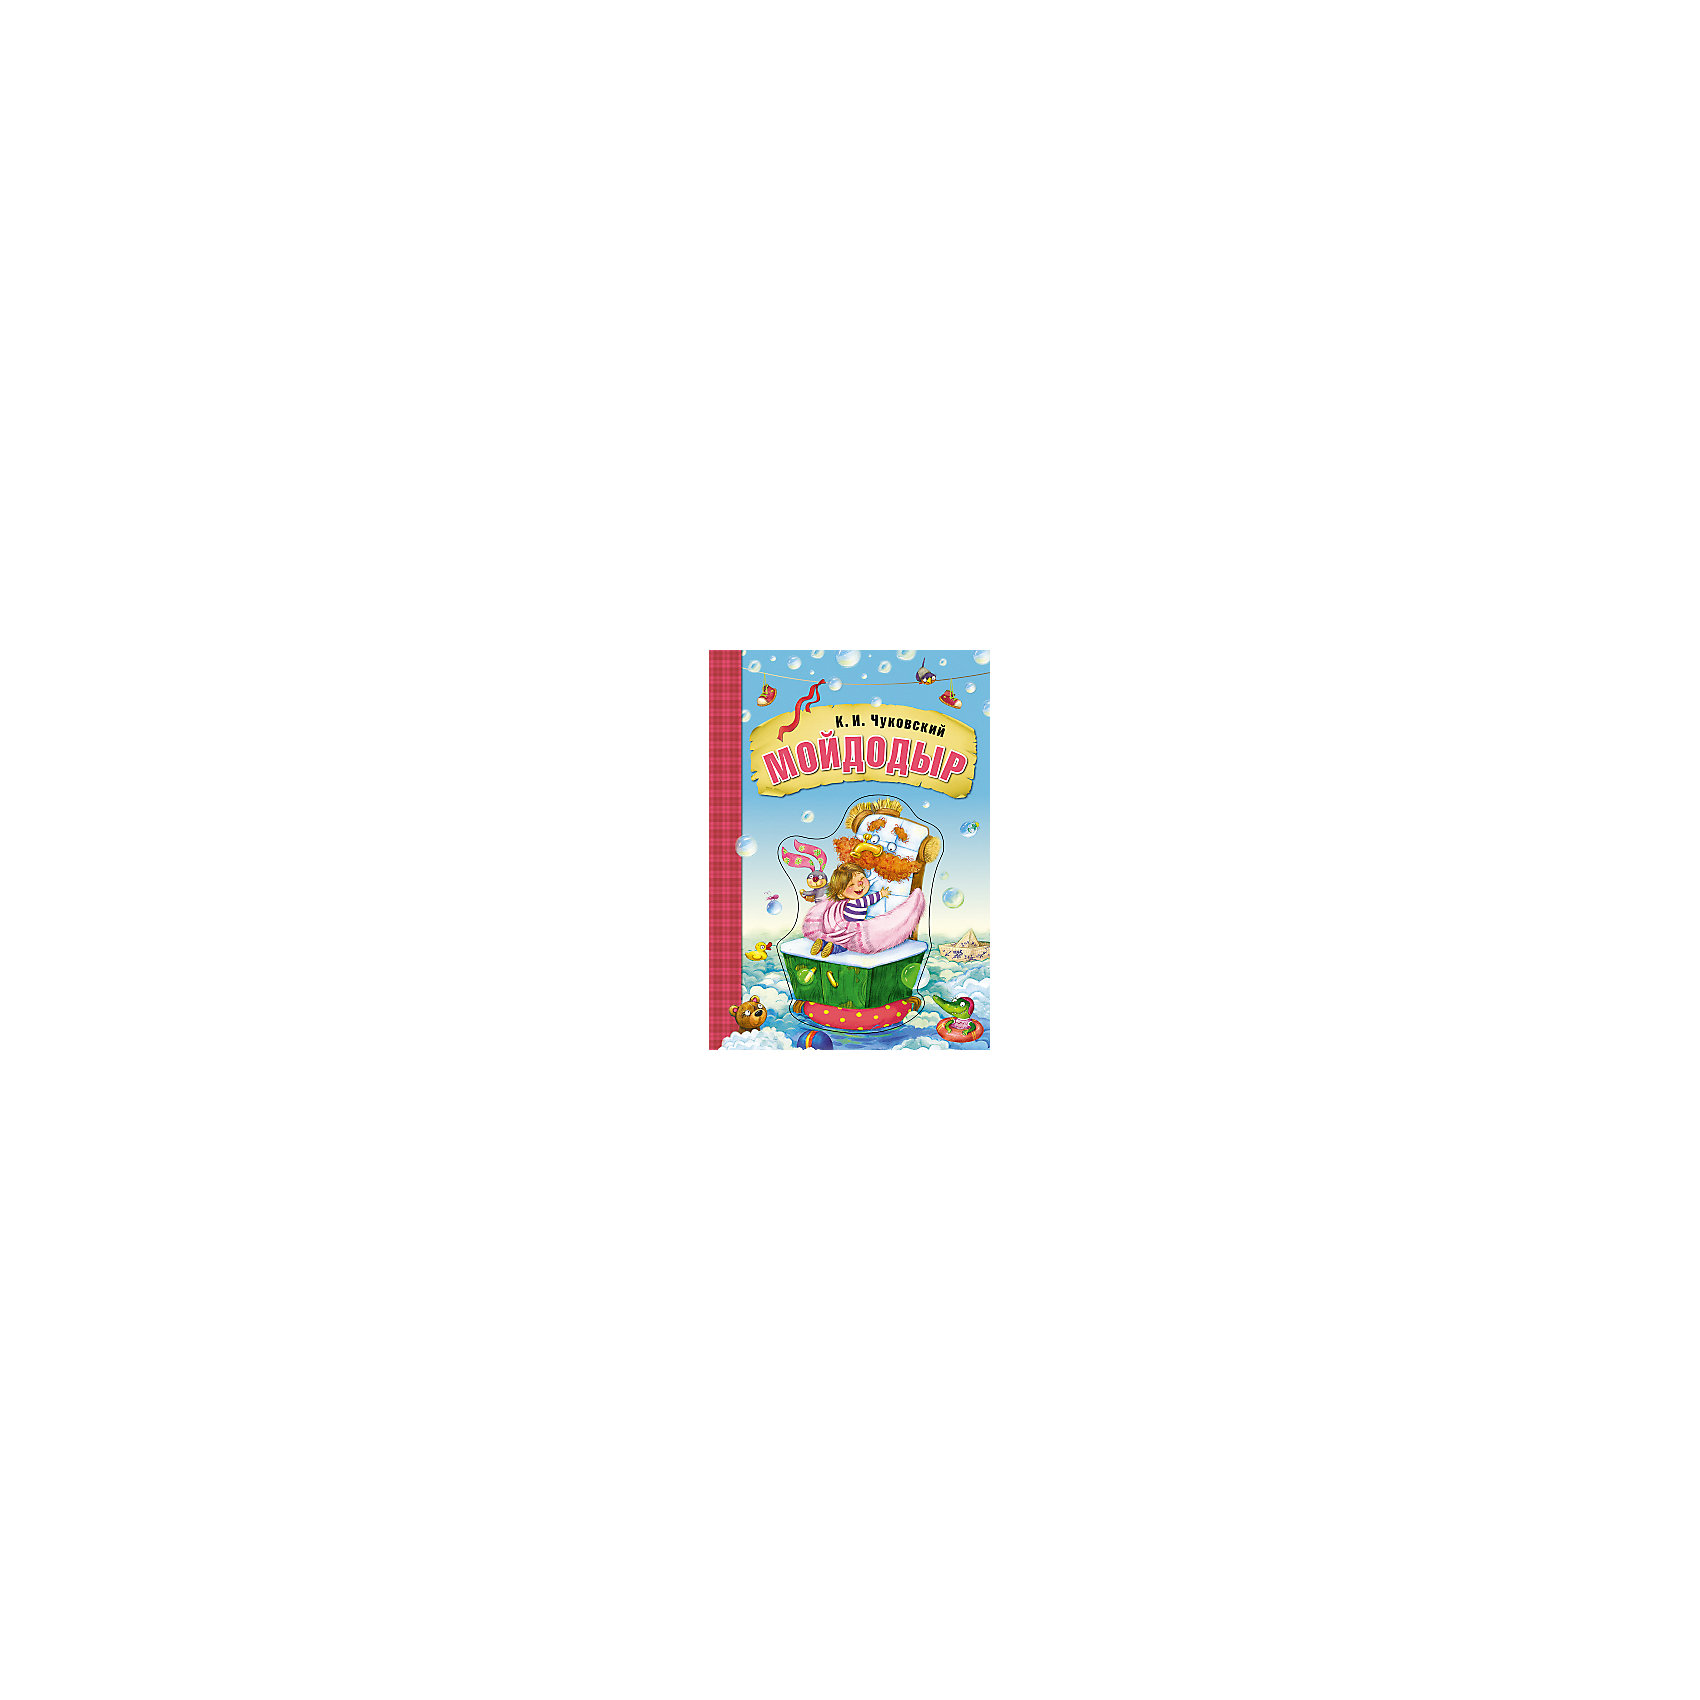 Мойдодыр, картон, К.И. ЧуковскийЧуковский К.И.<br>Сказки К.И. Чуковского Мойдодыр, книга на картоне.<br><br>Характеристики:<br><br>• Для детей в возрасте: от 1,5 до 7 лет<br>• Автор: Корней Иванович Чуковский<br>• Художник: Любовь Еремина<br>• Издательство: Мозаика-Синтез<br>• Серия: Любимые сказки К. И. Чуковского. Книги на картоне<br>• Тип обложки: картон с объемной фигурной вставкой<br>• Иллюстрации: цветные<br>• Количество страниц: 16 (плотный ламинированный картон)<br>• Размер: 190х270х10 мм.<br>• Вес: 360 гр.<br>• ISBN: 9785431506956<br><br>Книга на картоне с красивой объемной фигурной вставкой на обложке обязательно станет любимой книгой вашего малыша! Сказка Корнея Ивановича Чуковского «Мойдодыр» знакома всем с детства. Страницы книги, выполненные из плотного картона, будут очень удобны для маленьких детских ручек и непоседы смогут самостоятельно переворачивать их, наслаждаясь понравившимися картинками. <br><br>Книгу на картоне Сказки К.И. Чуковского Мойдодыр можно купить в нашем интернет-магазине.<br><br>Ширина мм: 100<br>Глубина мм: 190<br>Высота мм: 270<br>Вес г: 360<br>Возраст от месяцев: 12<br>Возраст до месяцев: 84<br>Пол: Унисекс<br>Возраст: Детский<br>SKU: 5523242